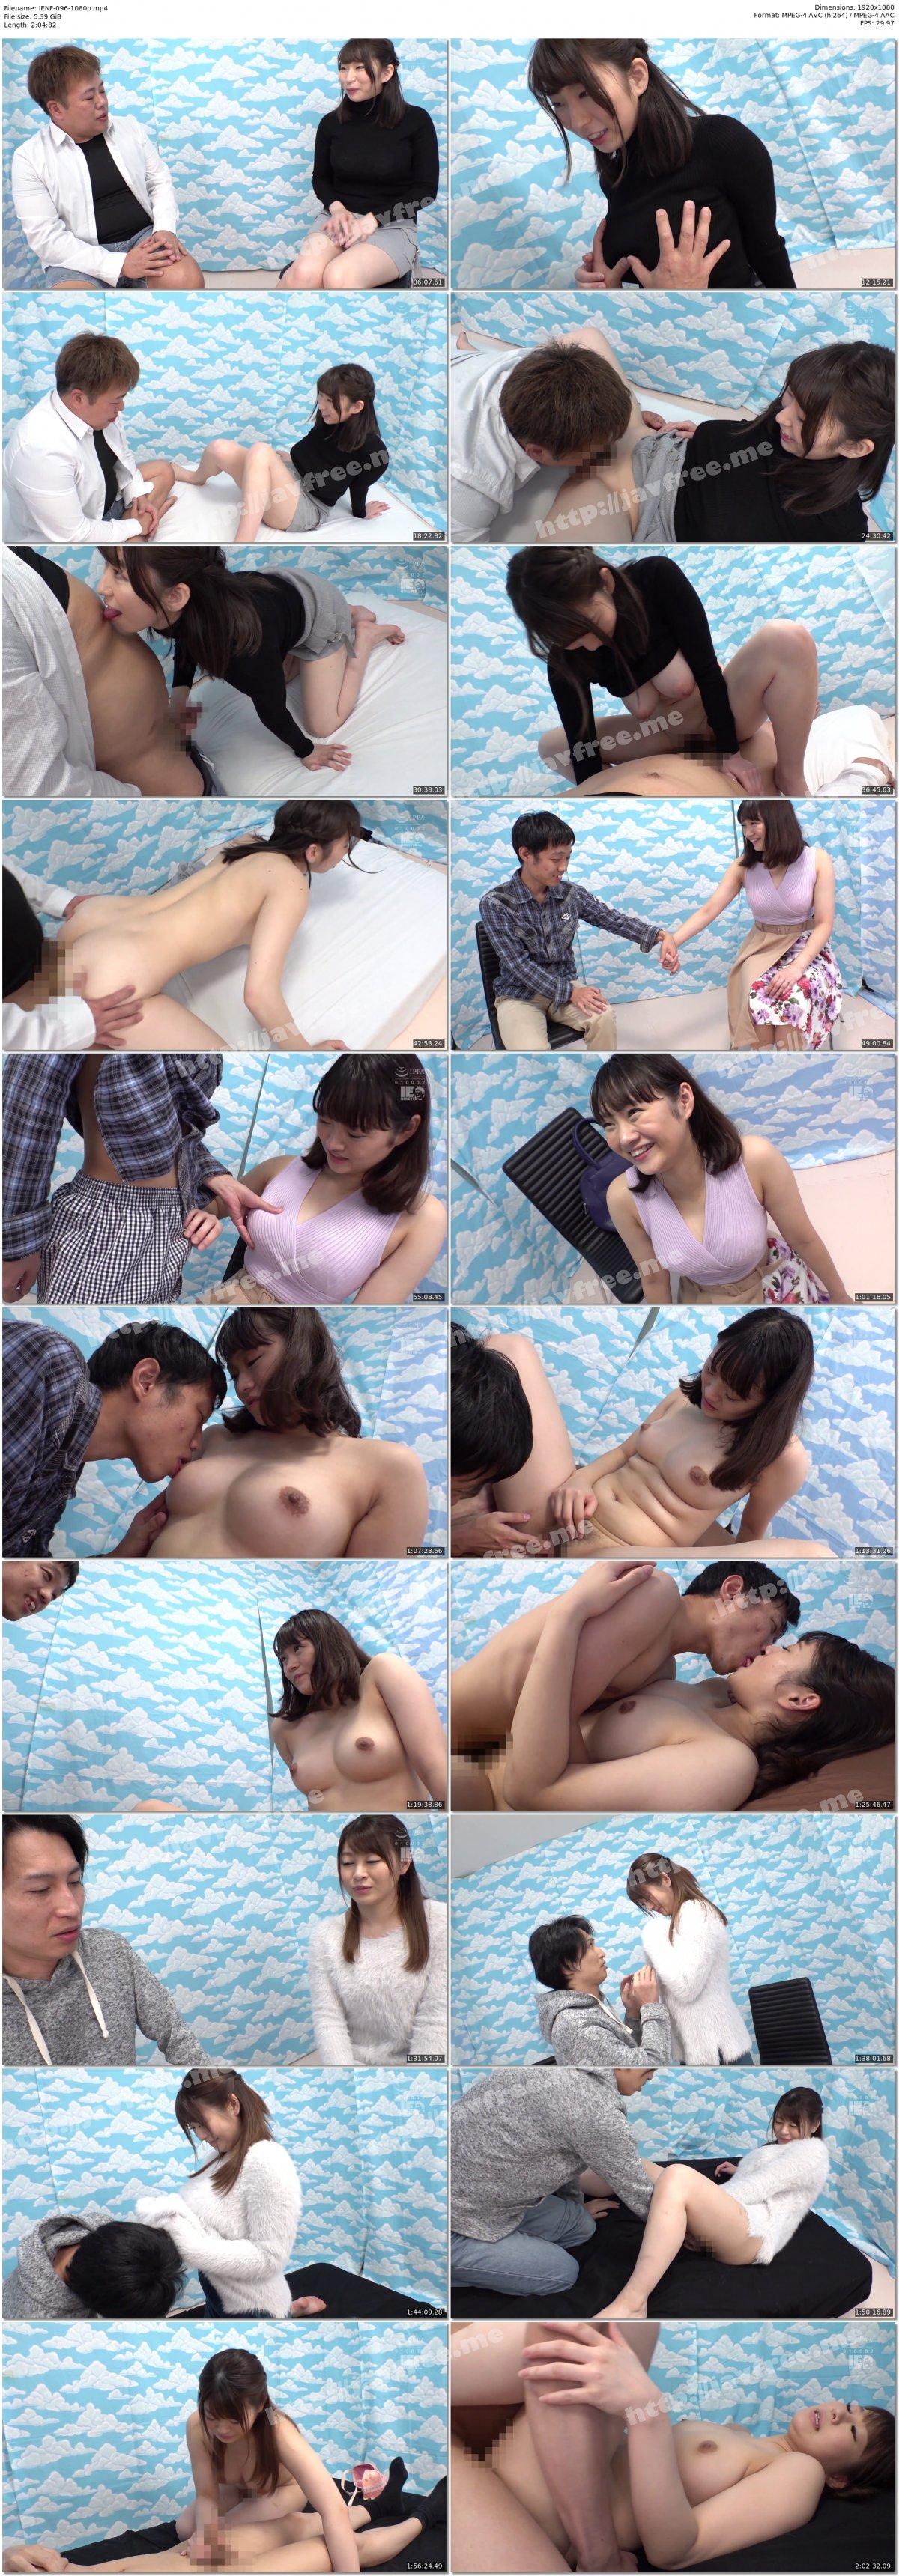 [HD][IENF-096] 横浜で見つけた心優しい巨乳の人妻さん 童貞くんのオナニーのお手伝いのつもりがセックス練習ってことで素股していてヌルっと入って筆おろし!?3 - image IENF-096-1080p on https://javfree.me